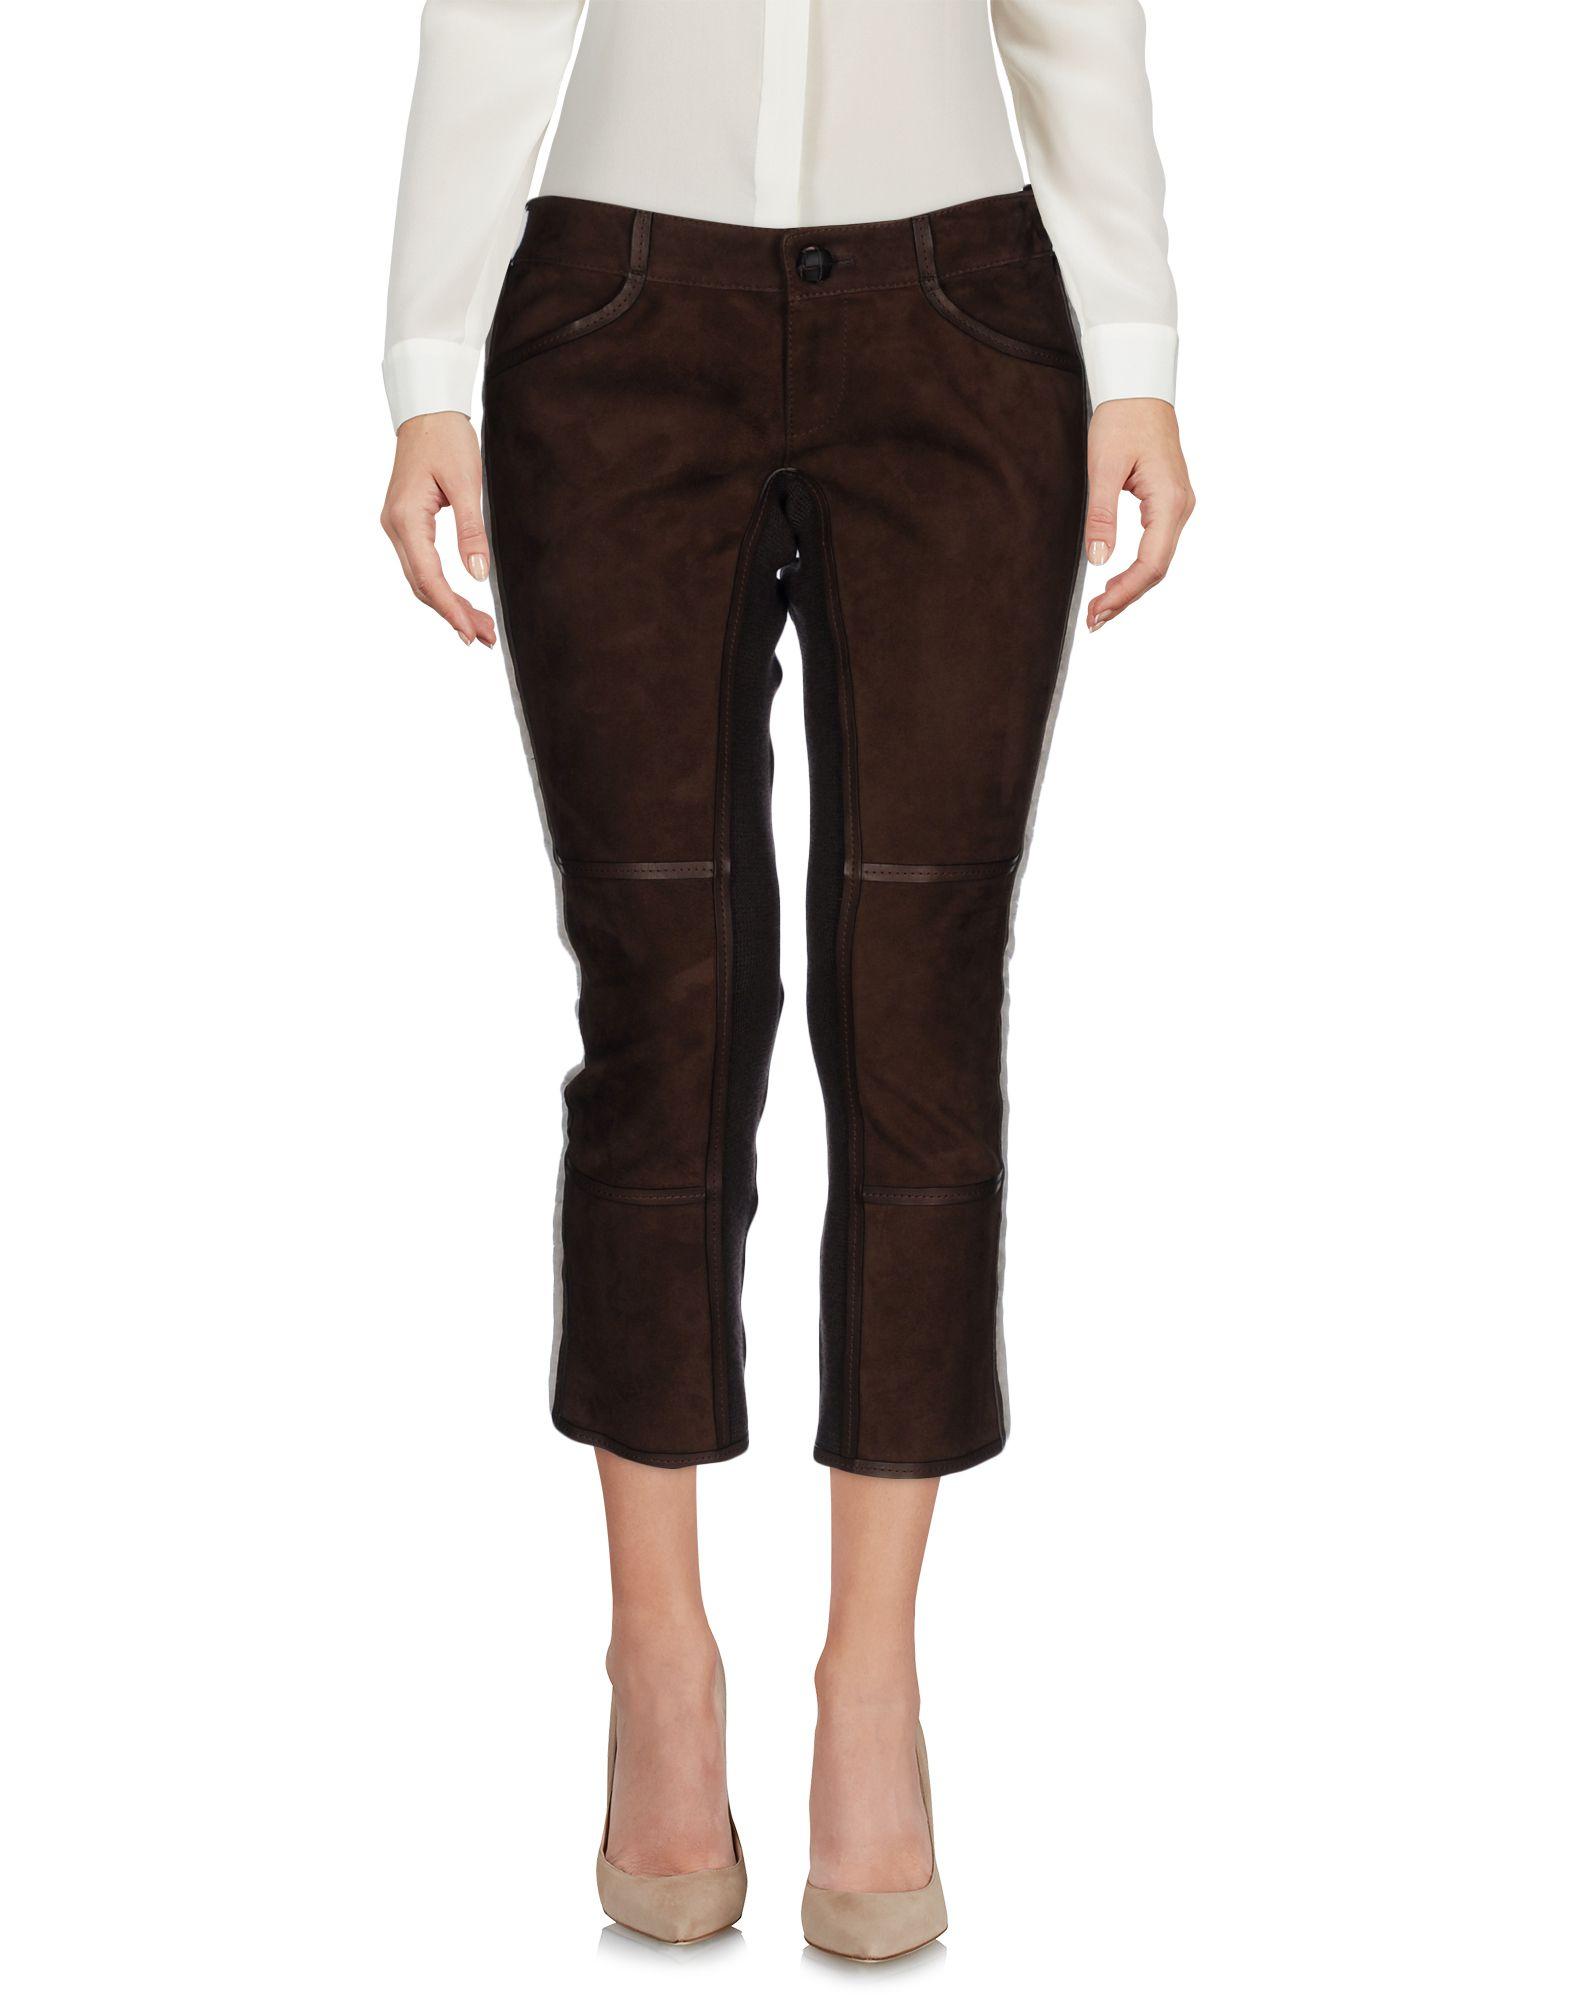 Pantalone Dritto Dsquared2 Donna - Acquista online su ABkpT1hnPq